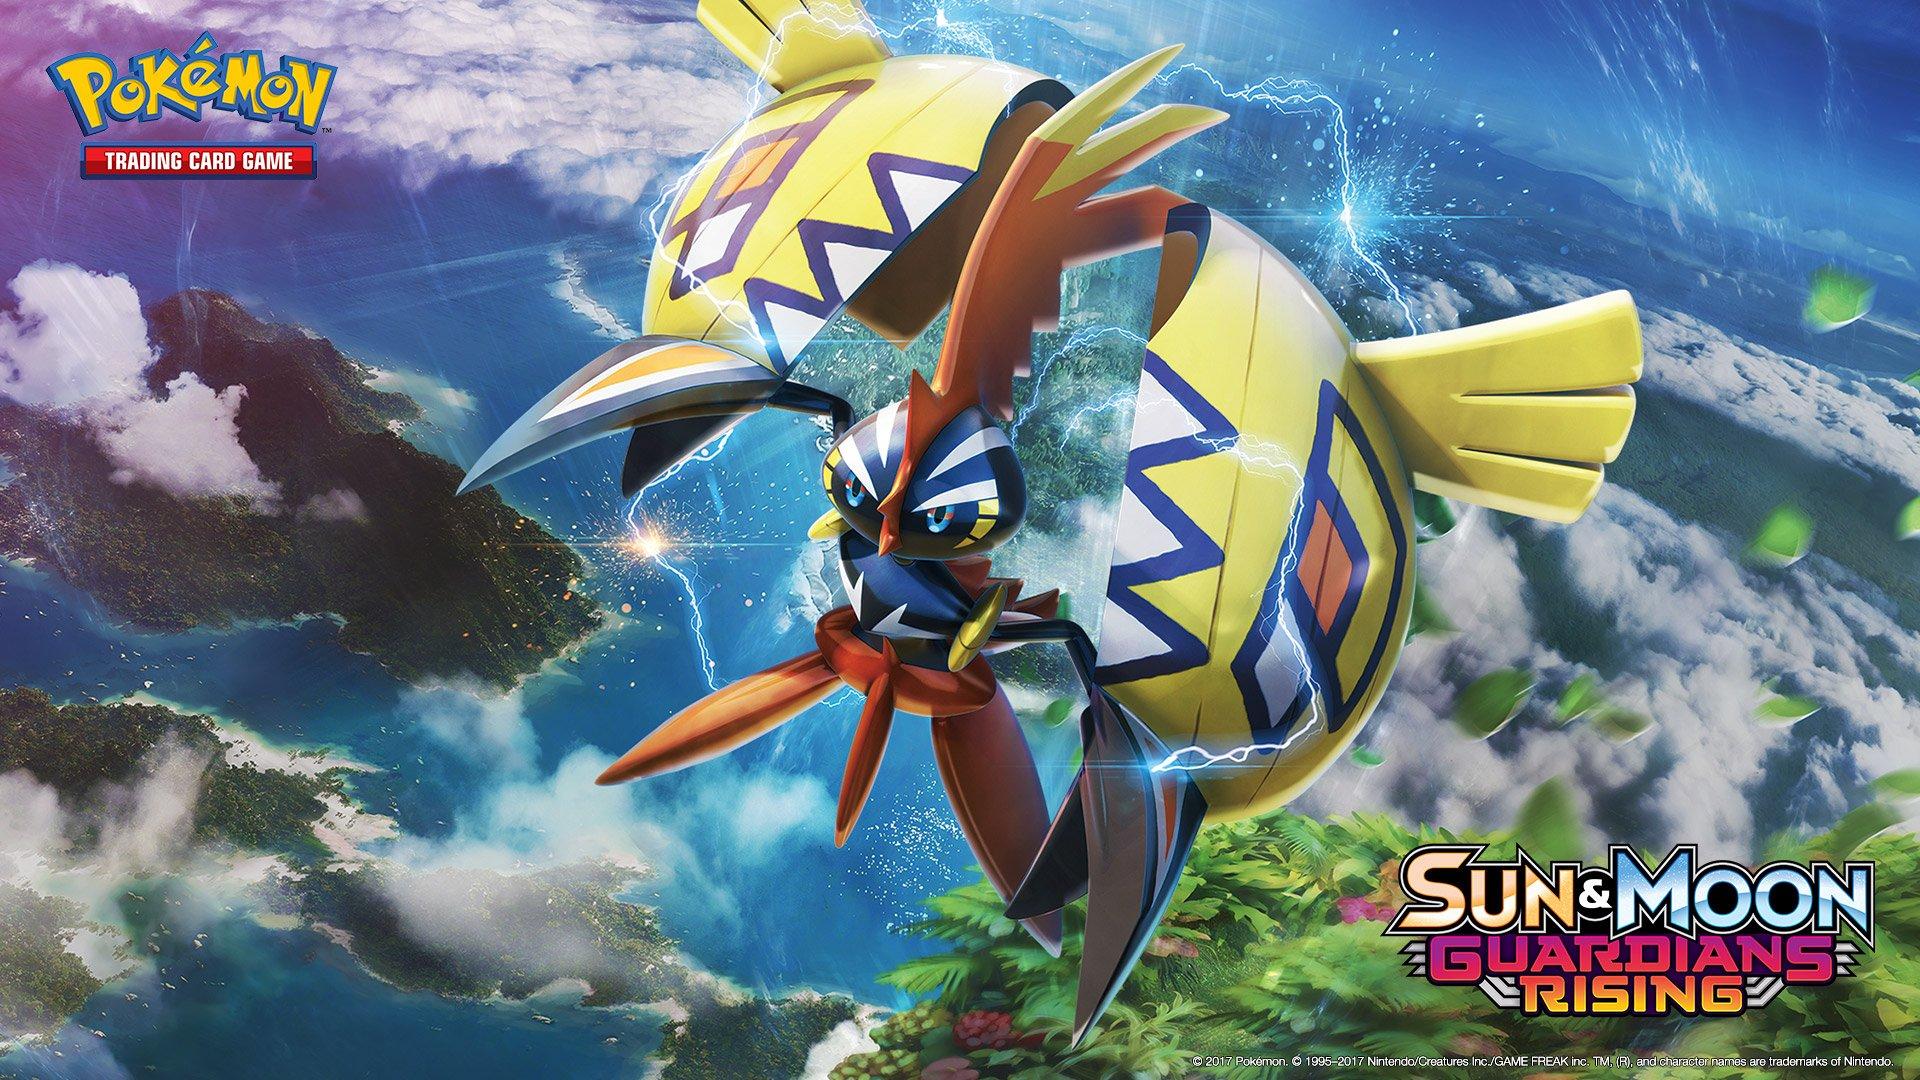 """Pokékalos on Twitter: """"Fonds d'écran Pokémon - Soleil et Lune - Gardiens Ascendants (suite)…"""